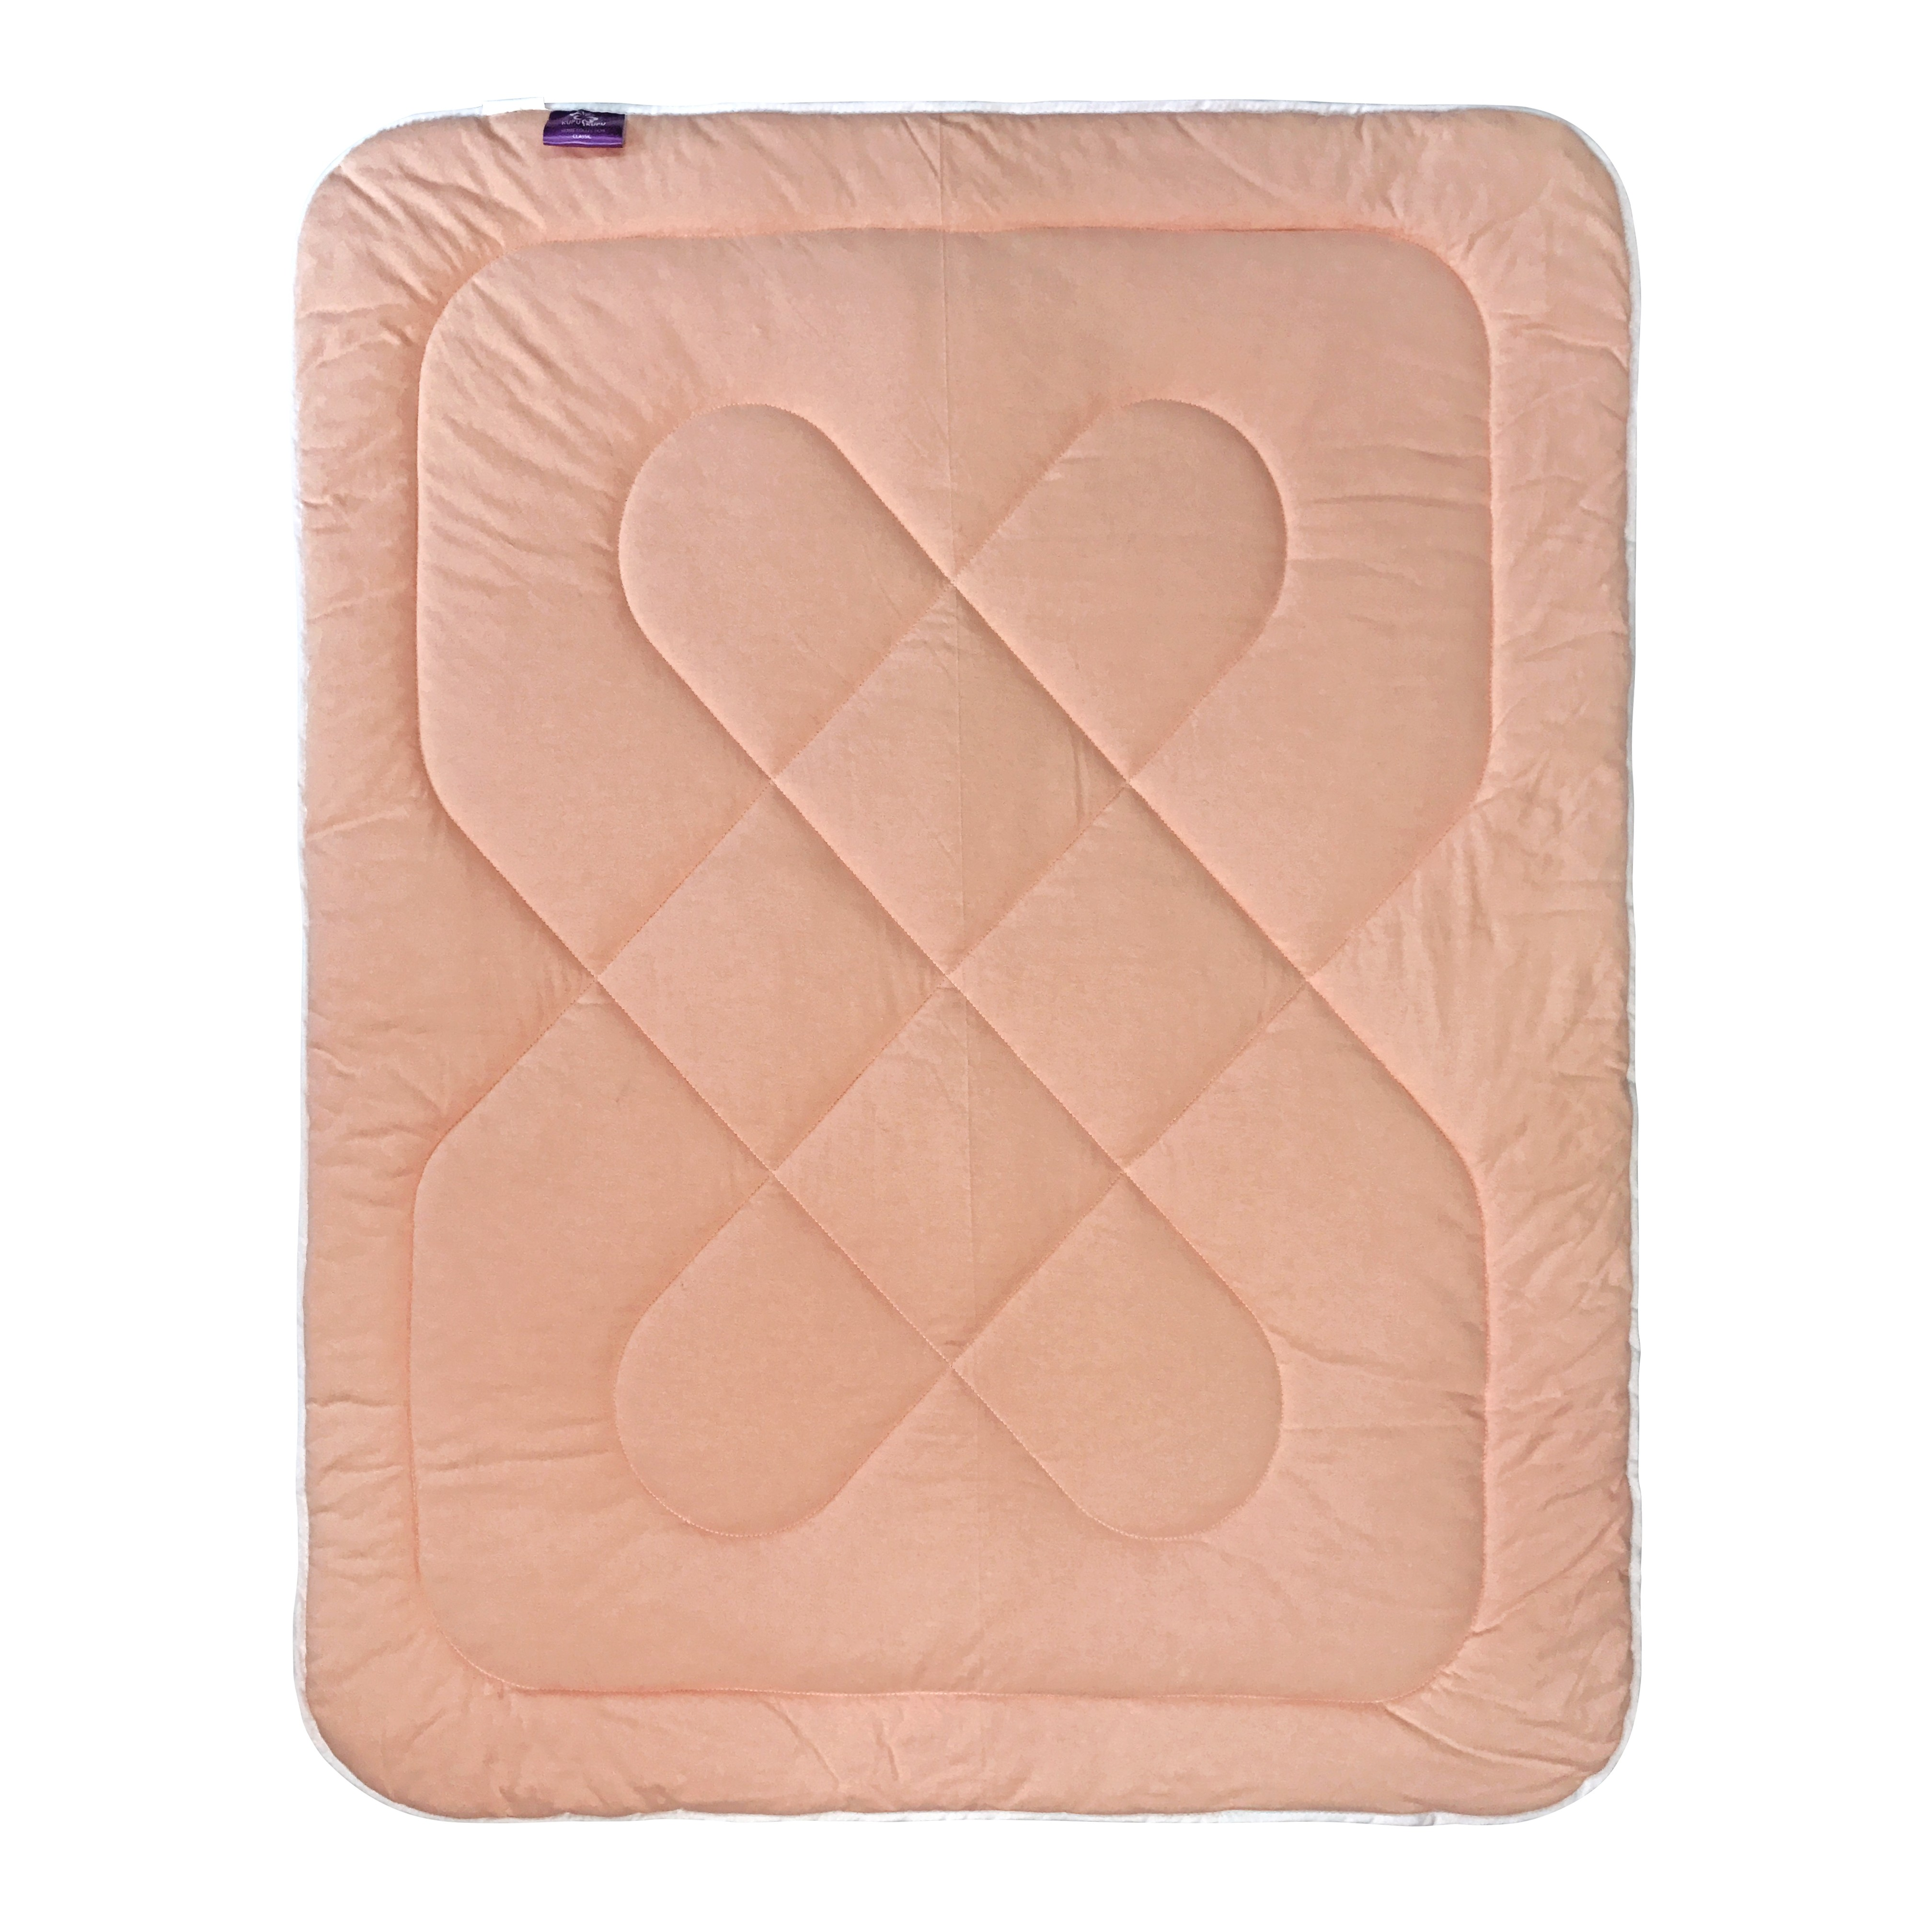 Одеяло Kupu-Kupu Li-Ly бамбук 140х110 постельные принадлежности kupu kupu подушка li ly бамбук в стеганом чехле 60х40 см